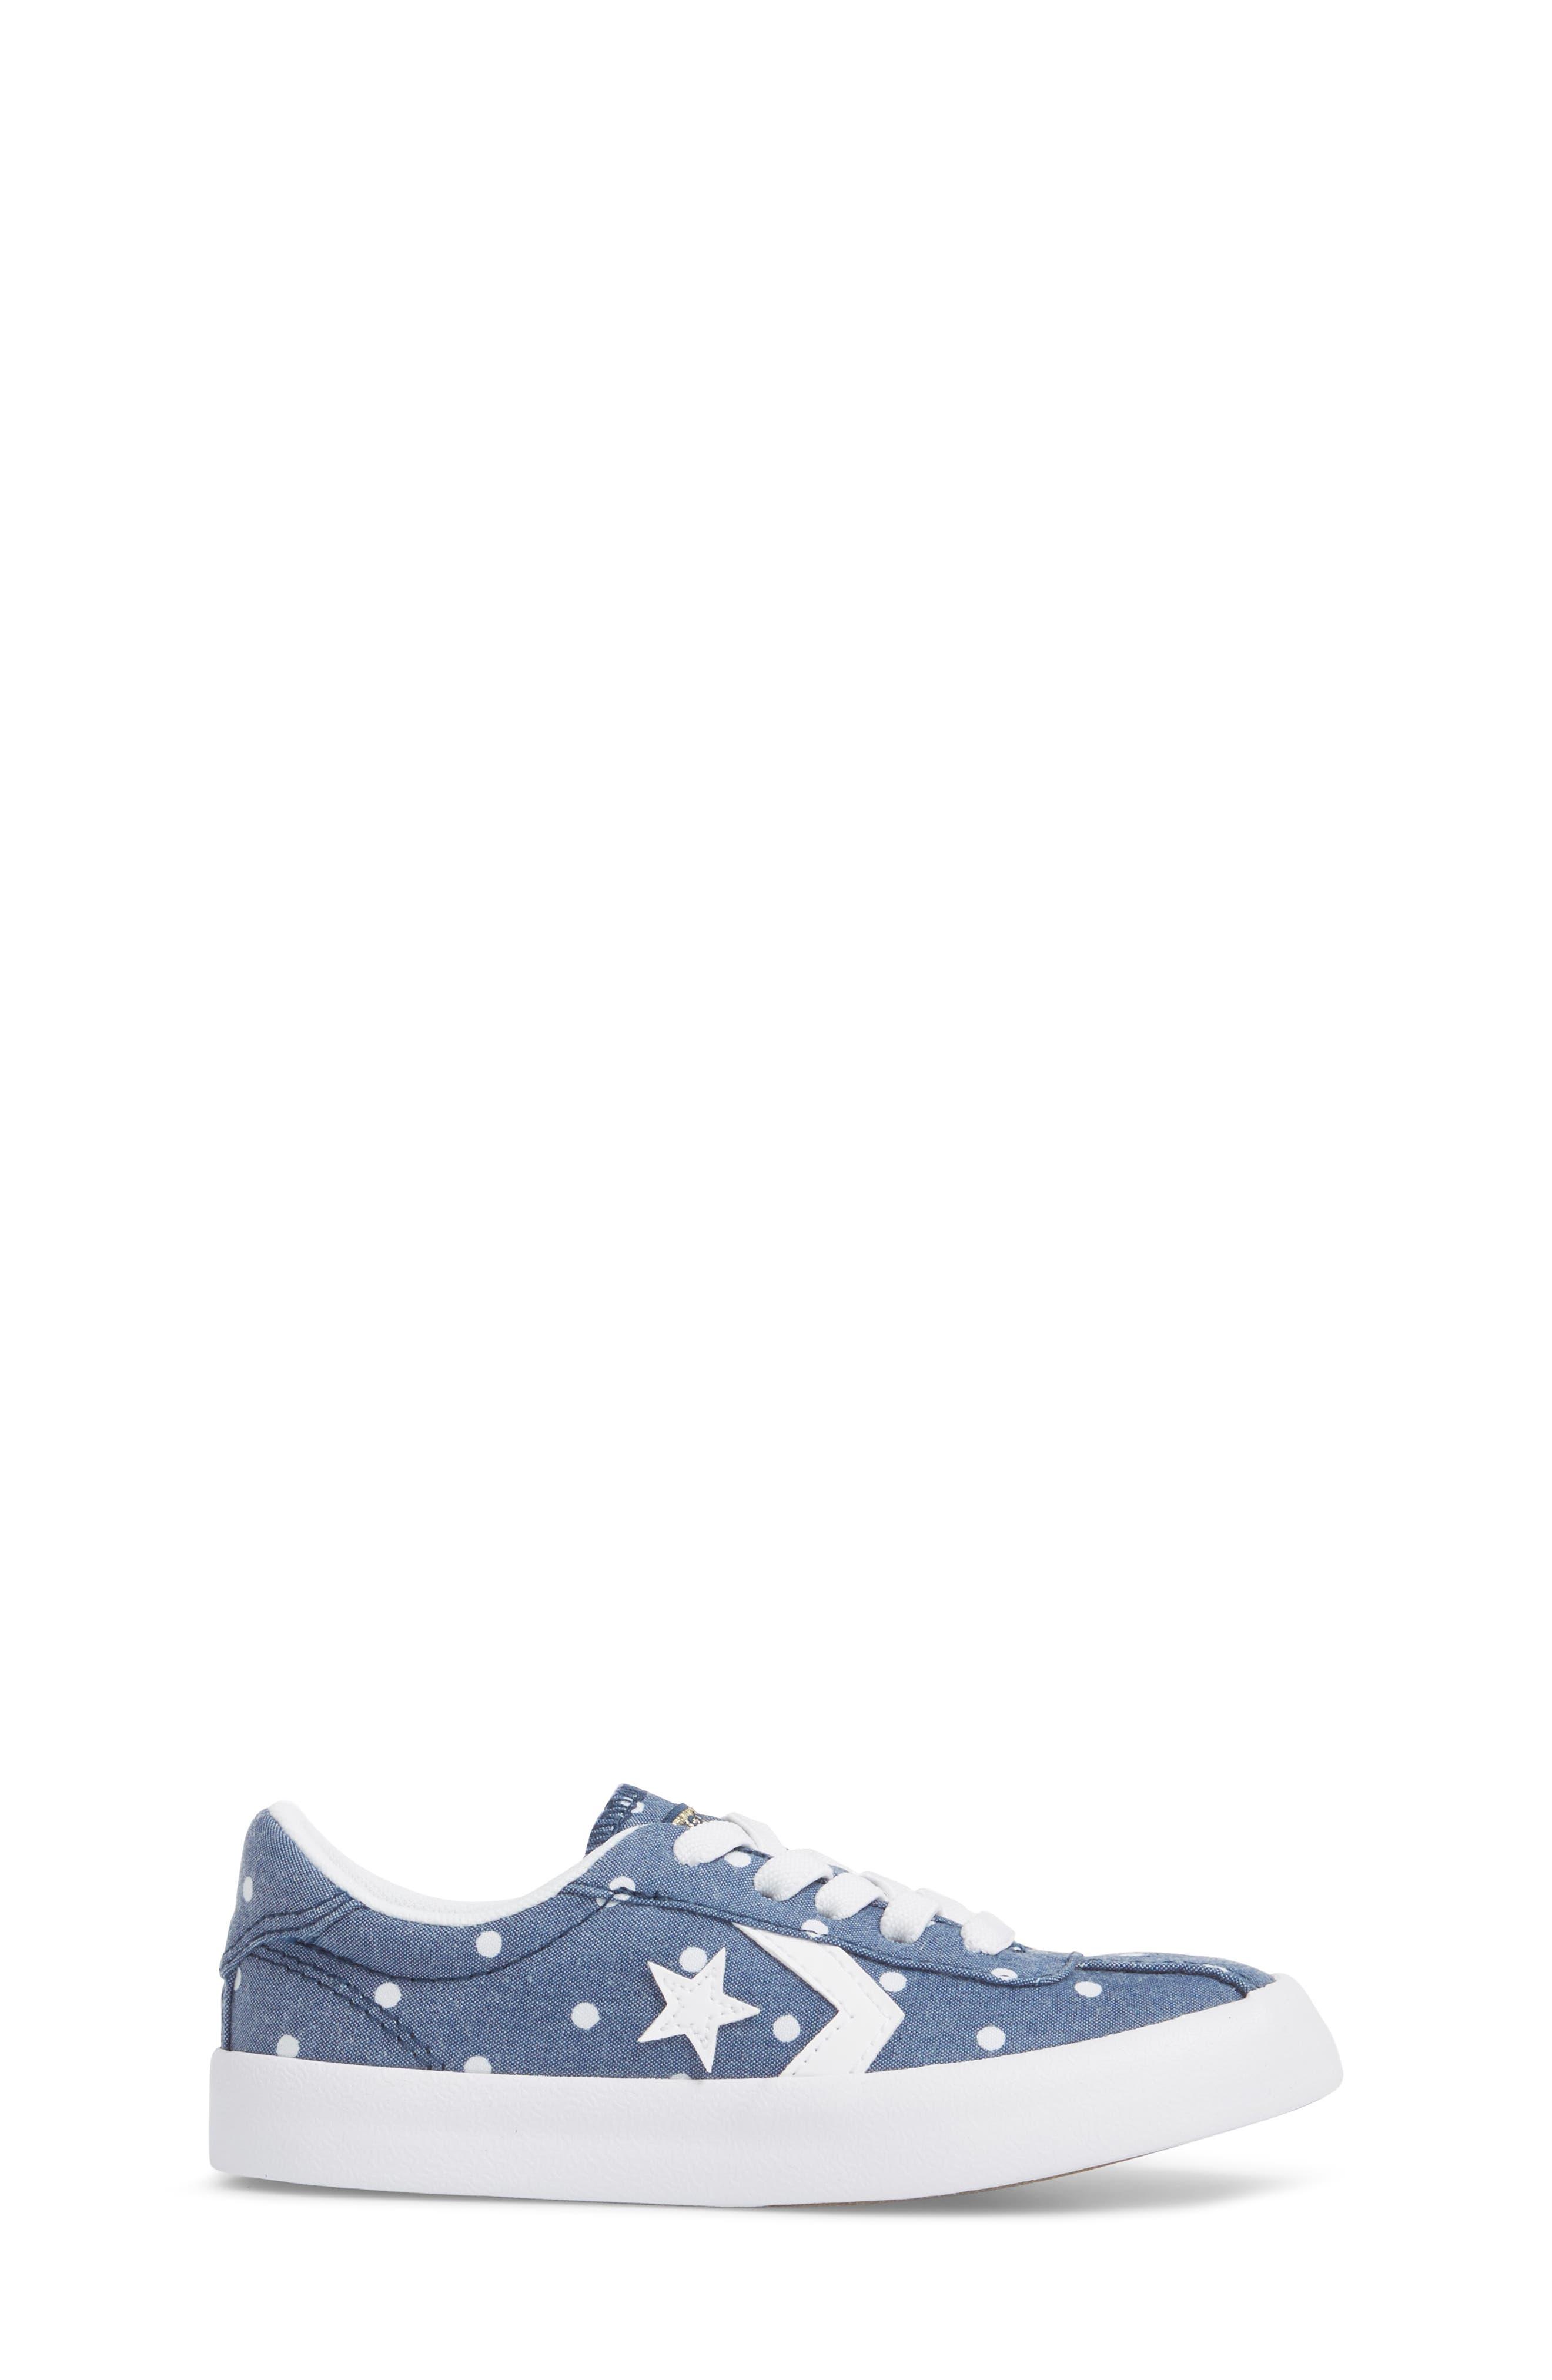 Breakpoint Polka Dot Sneaker,                             Alternate thumbnail 3, color,                             426